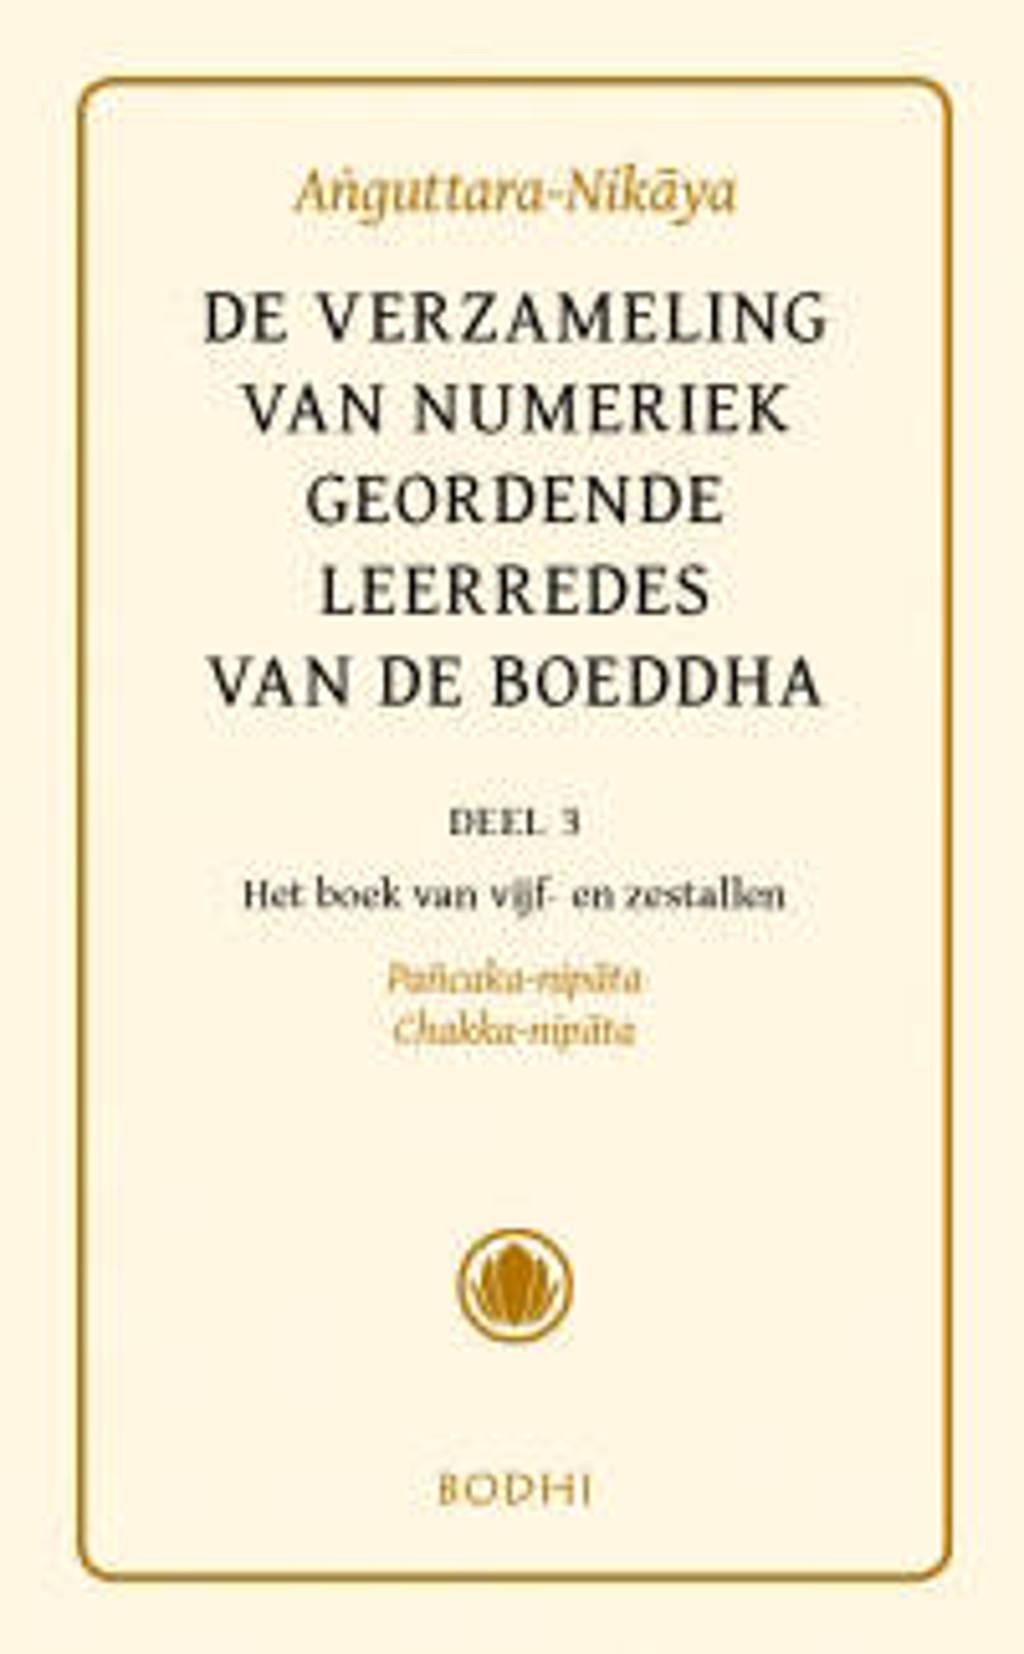 De verzameling van numeriek geordende leerredes van de Boeddha (Anguttara-Nikaya)